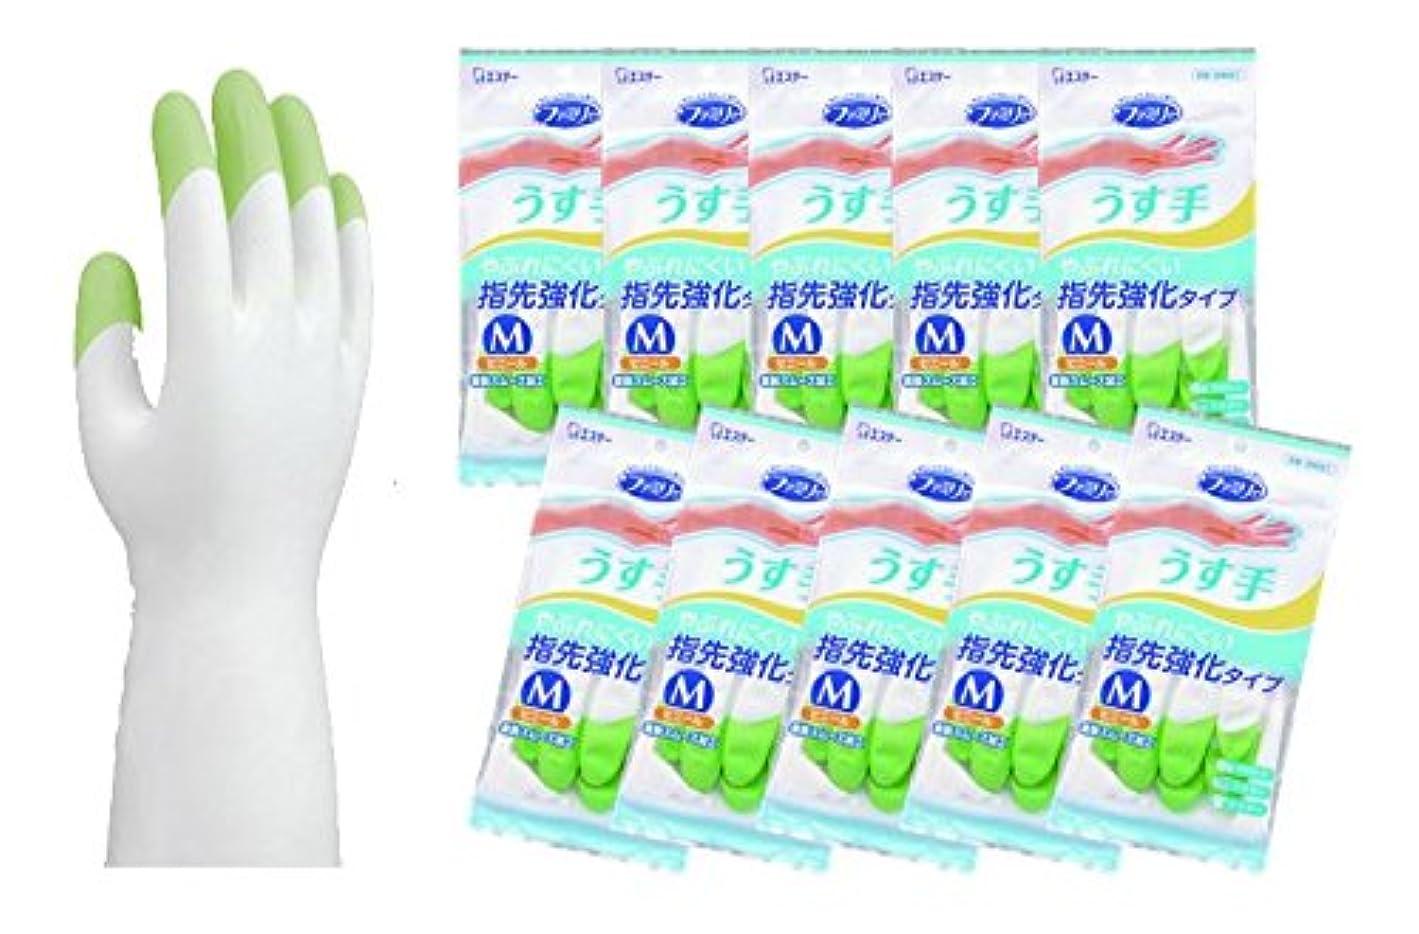 政府オープニング命令ファミリー ビニールうす手 指先強化 Mグリーン 1双×10個セット